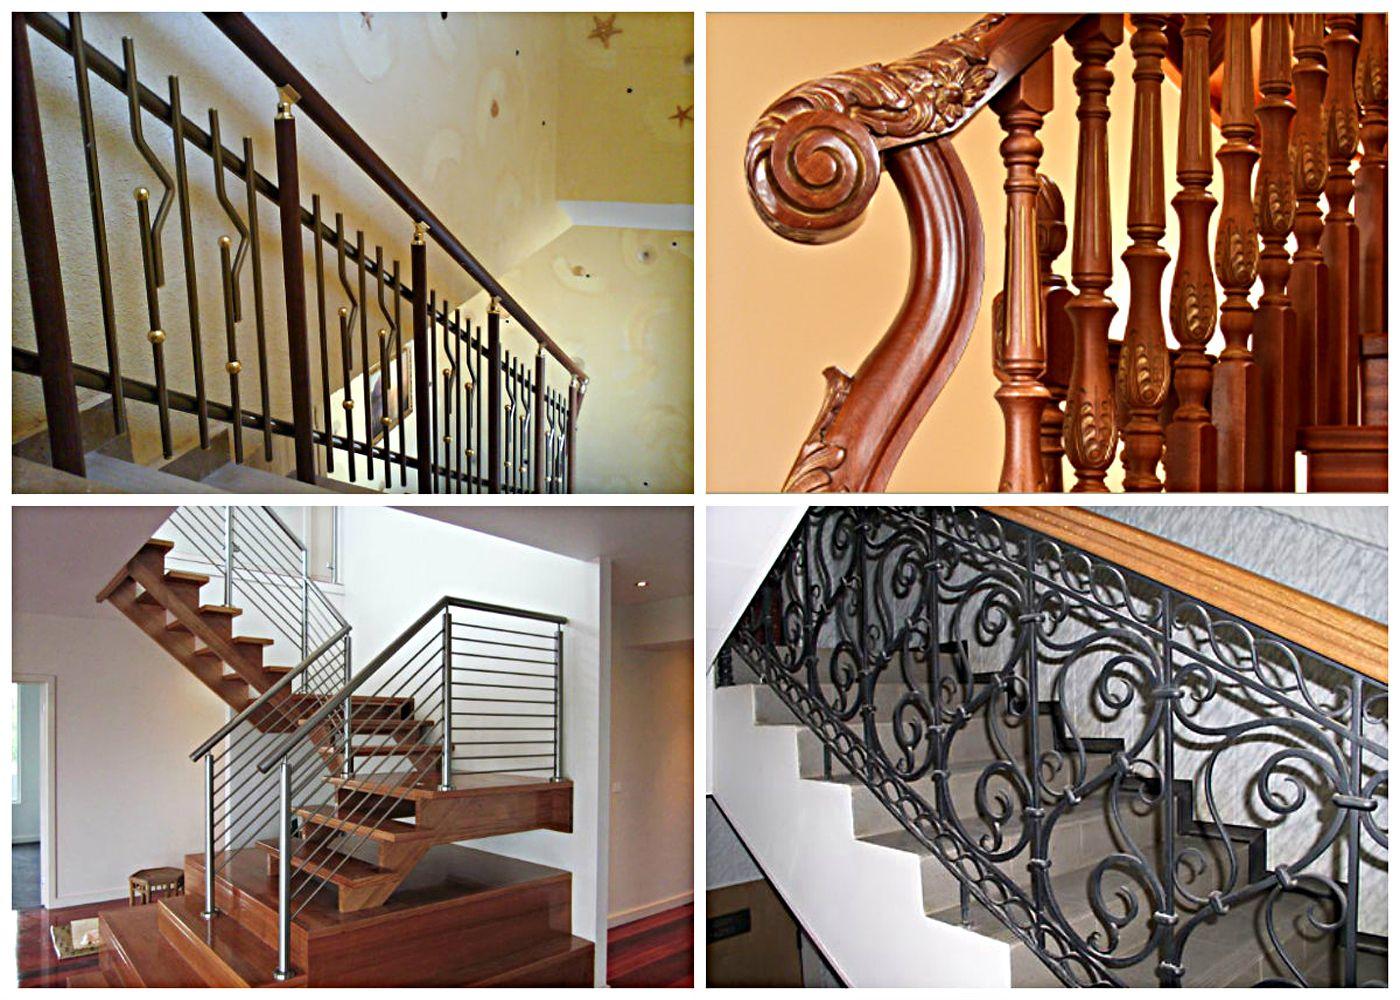 Картинки по запросу Какие перила выбрать для внутренней лестницы? Идеи для оригинальных лестничных перил